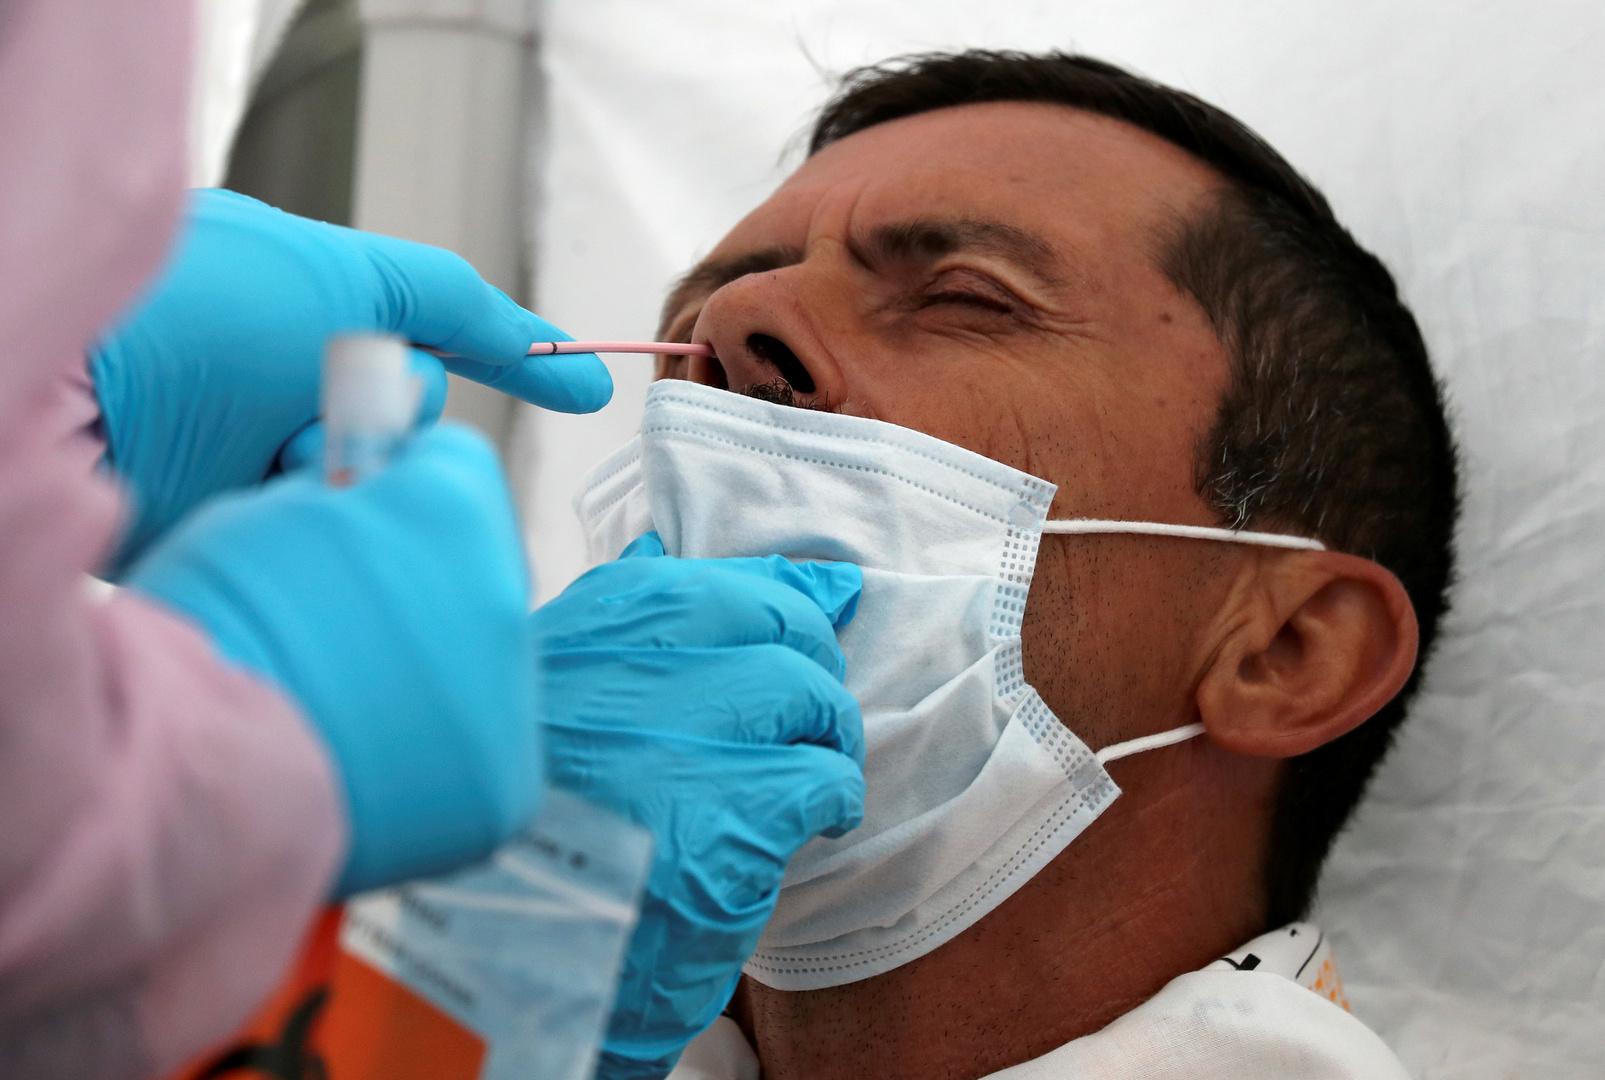 كاليفورنيا تسجل نحو 12 ألف إصابة بفيروس كورونا خلال 24 ساعة